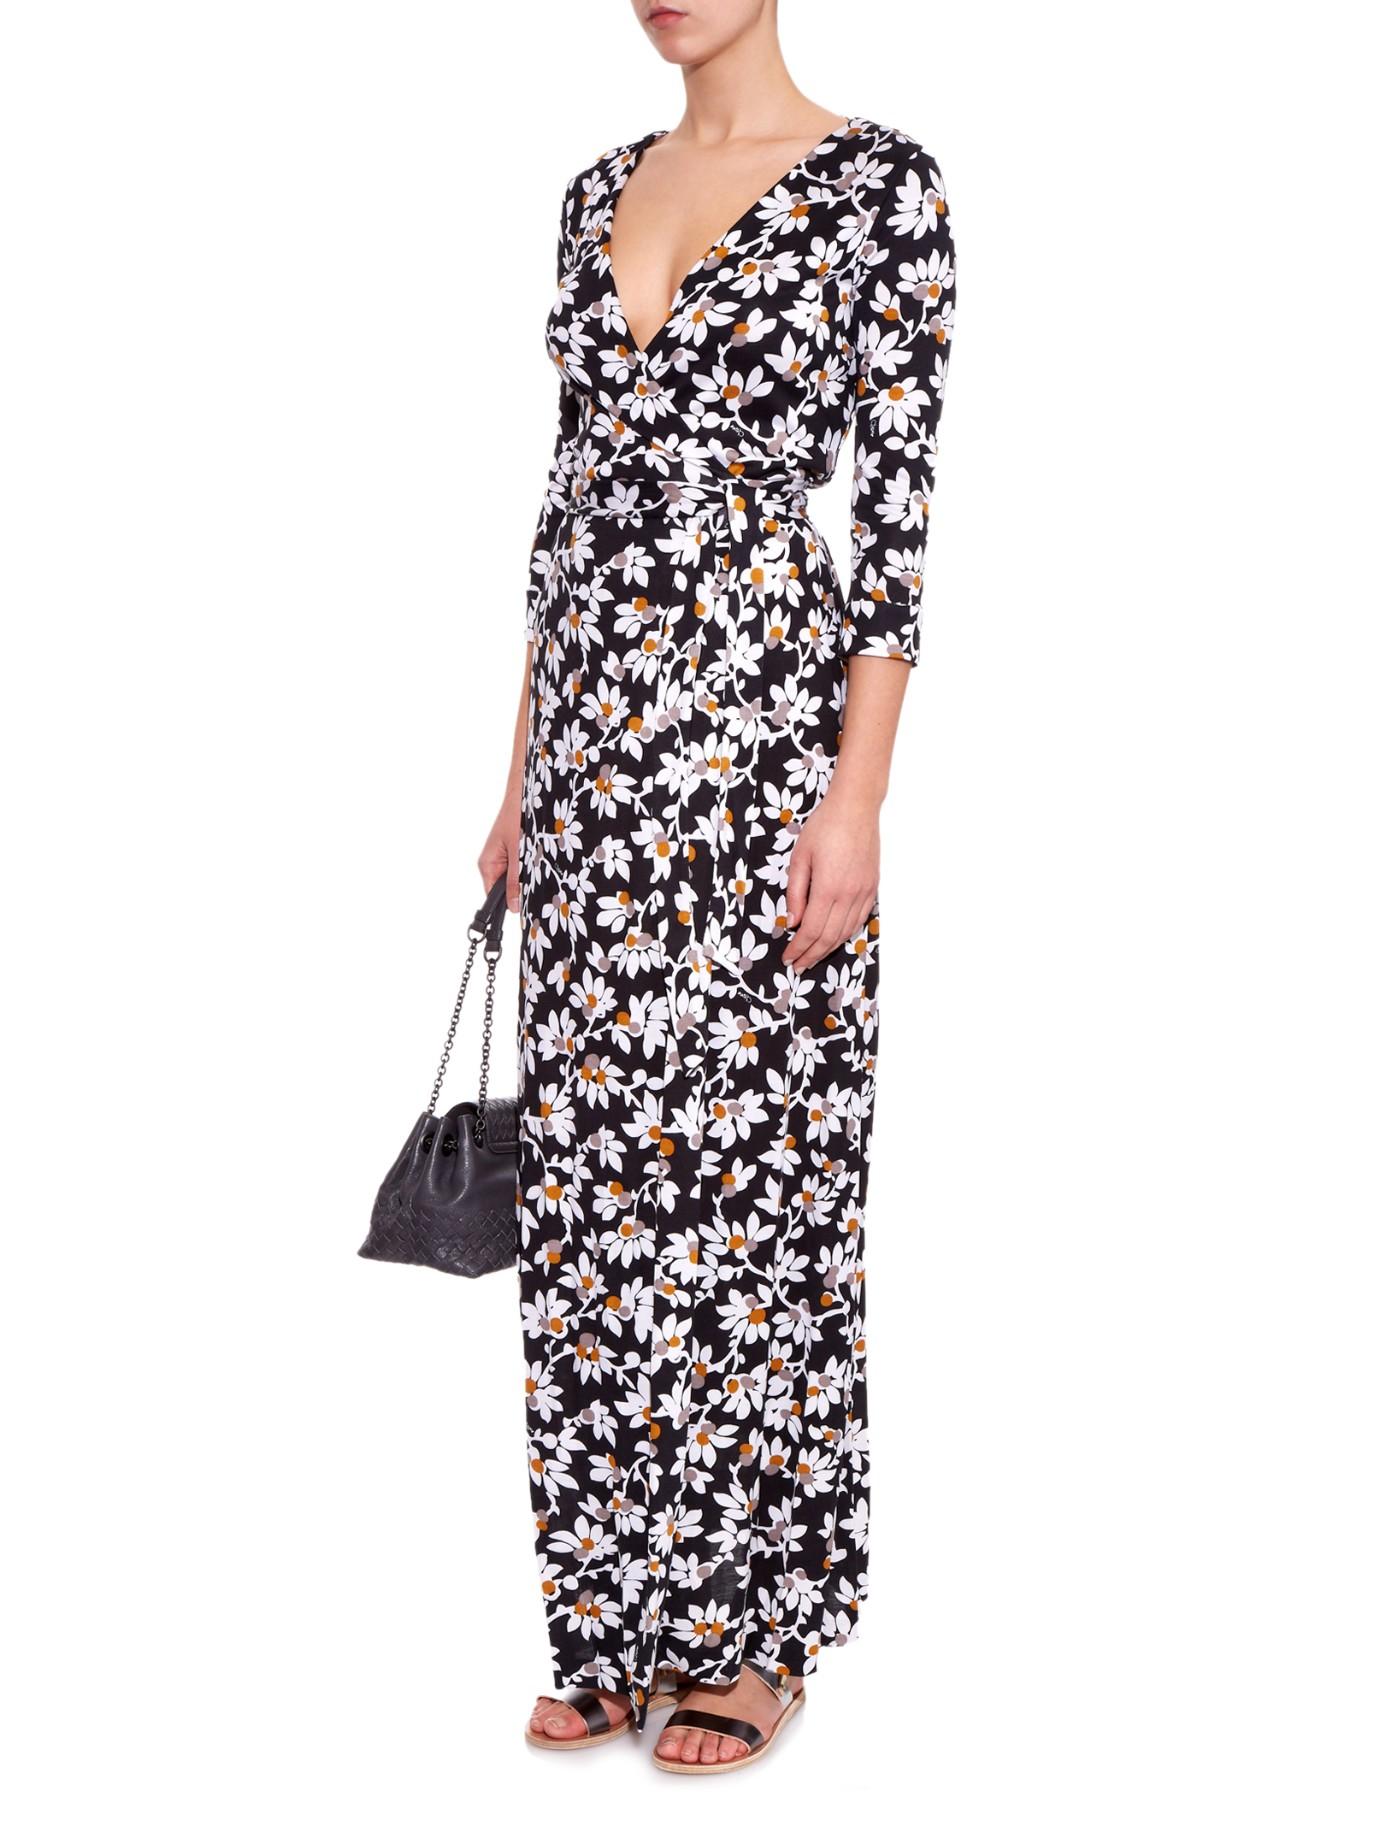 Diane Von Furstenberg New Julian Two Maxi Dress In Black